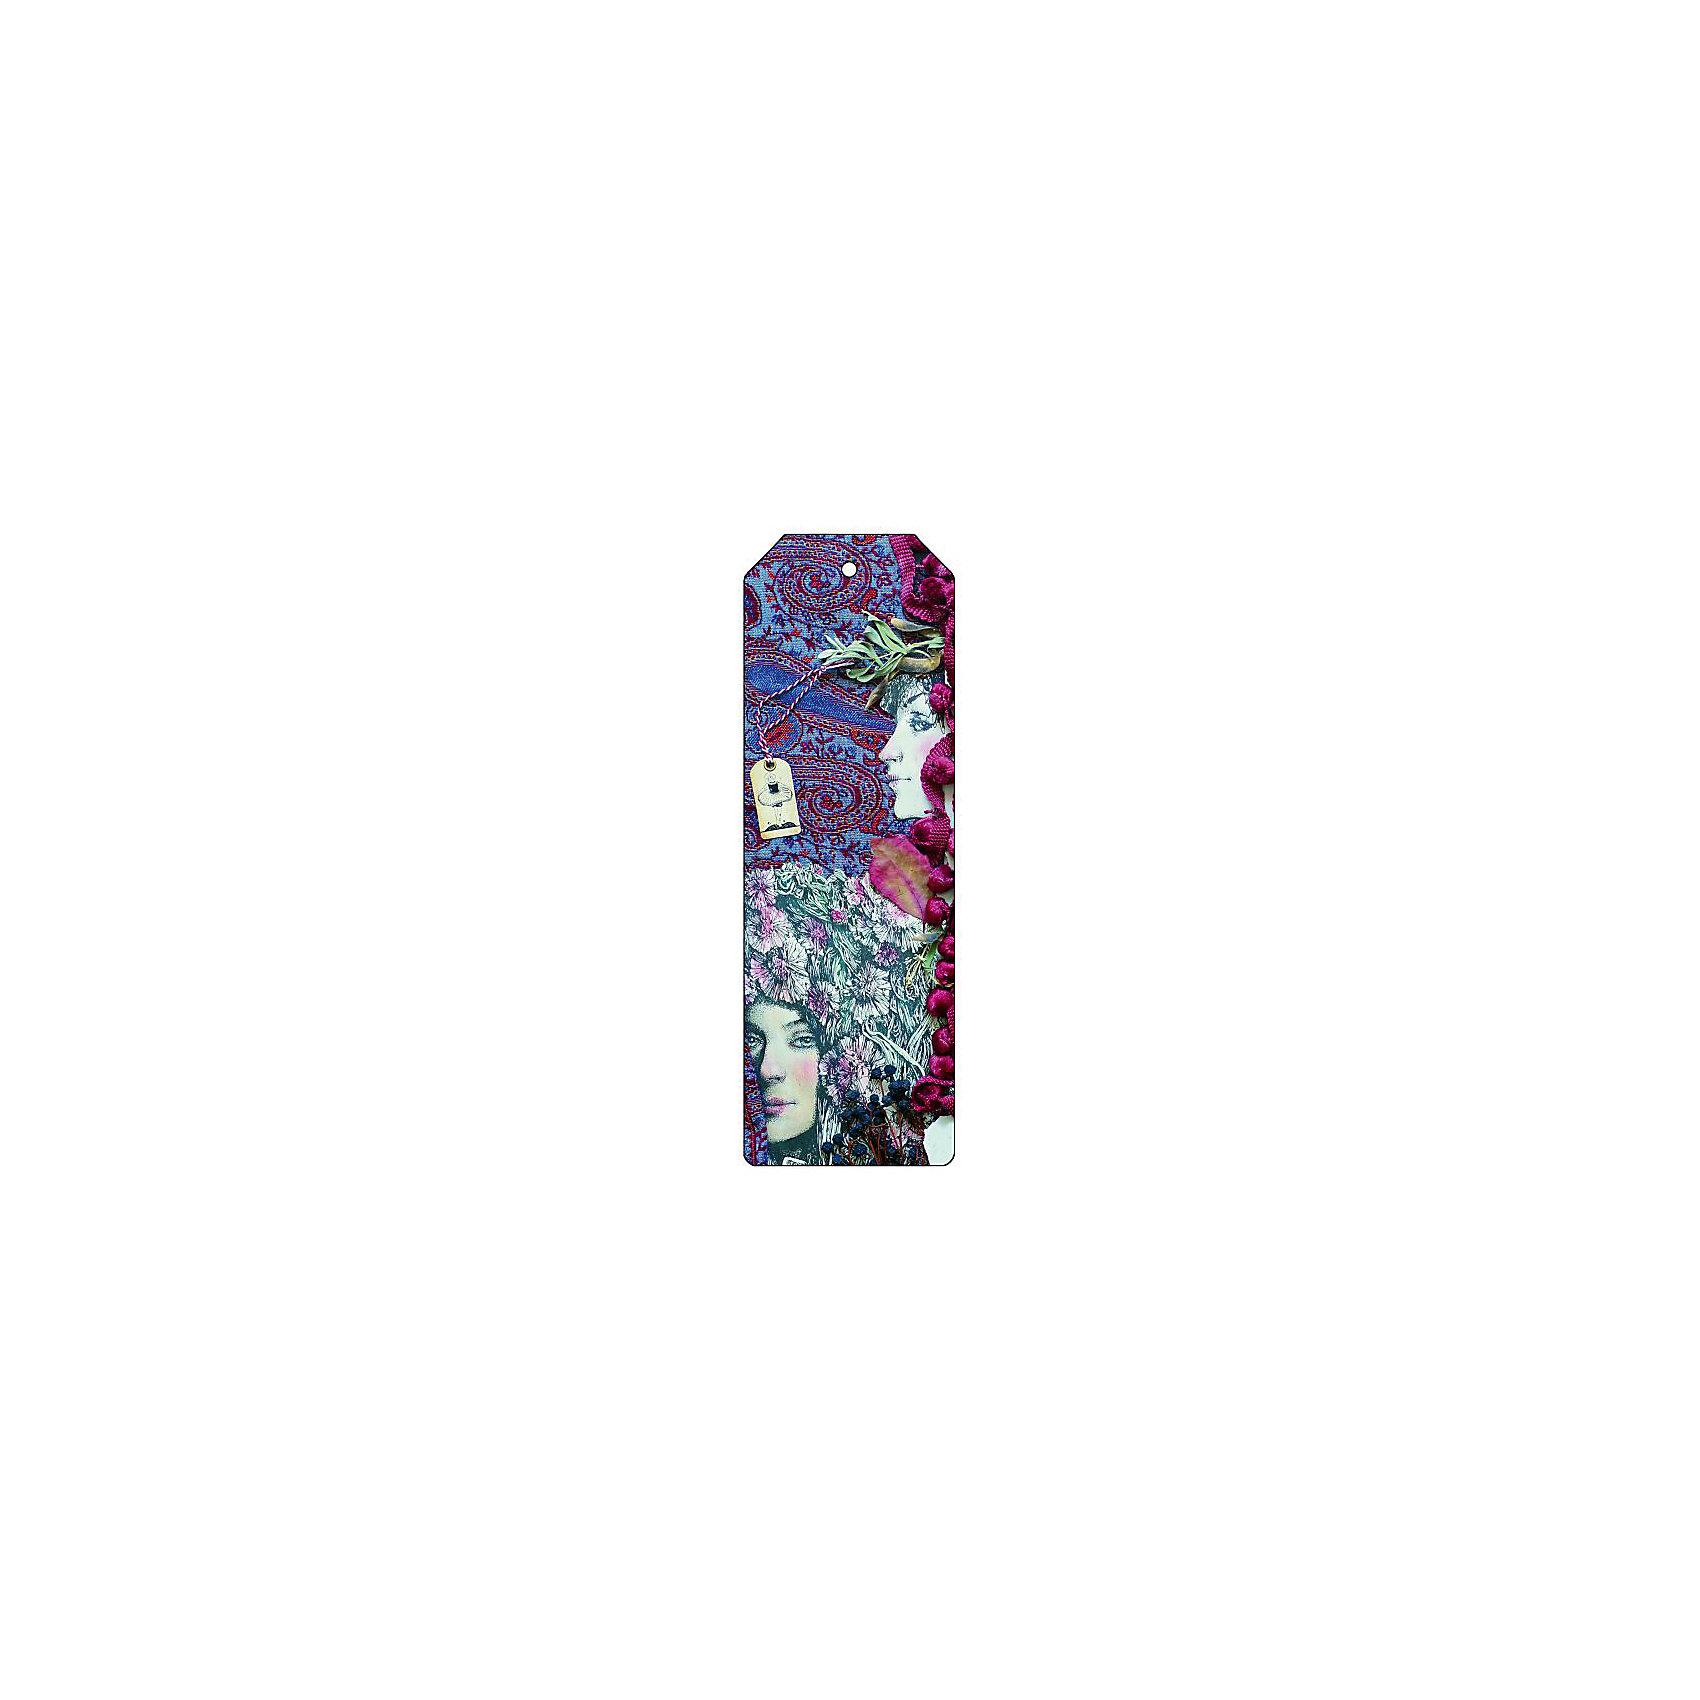 Закладка для книг декоративная СестрыШкольные аксессуары<br>Характеристики декоративной закладки для книг Сестры:<br><br>• тип: закладка<br>• материал: металл<br>• длина:15 см<br>• размеры: 19 x 6 x 0.5 см <br>• упаковка: пакет<br>• вес в упаковке, 45 г<br>• страна-изготовитель: Китай<br><br>Закладка декоративная Сестры размером 5x15 см выполнена из черного окрашенного металла с ярким оригинальным дизайном. Изделие не выскальзывает из книги, не мнется и не затирается со временем. Закладка поможет быстро отыскать нужную страницу, станет прекрасным подарком всем книголюбам.<br><br>Декоративную закладку для книг Сестры можно купить в нашем интернет-магазине.<br><br>Ширина мм: 150<br>Глубина мм: 50<br>Высота мм: 10<br>Вес г: 31<br>Возраст от месяцев: 48<br>Возраст до месяцев: 144<br>Пол: Унисекс<br>Возраст: Детский<br>SKU: 5479433